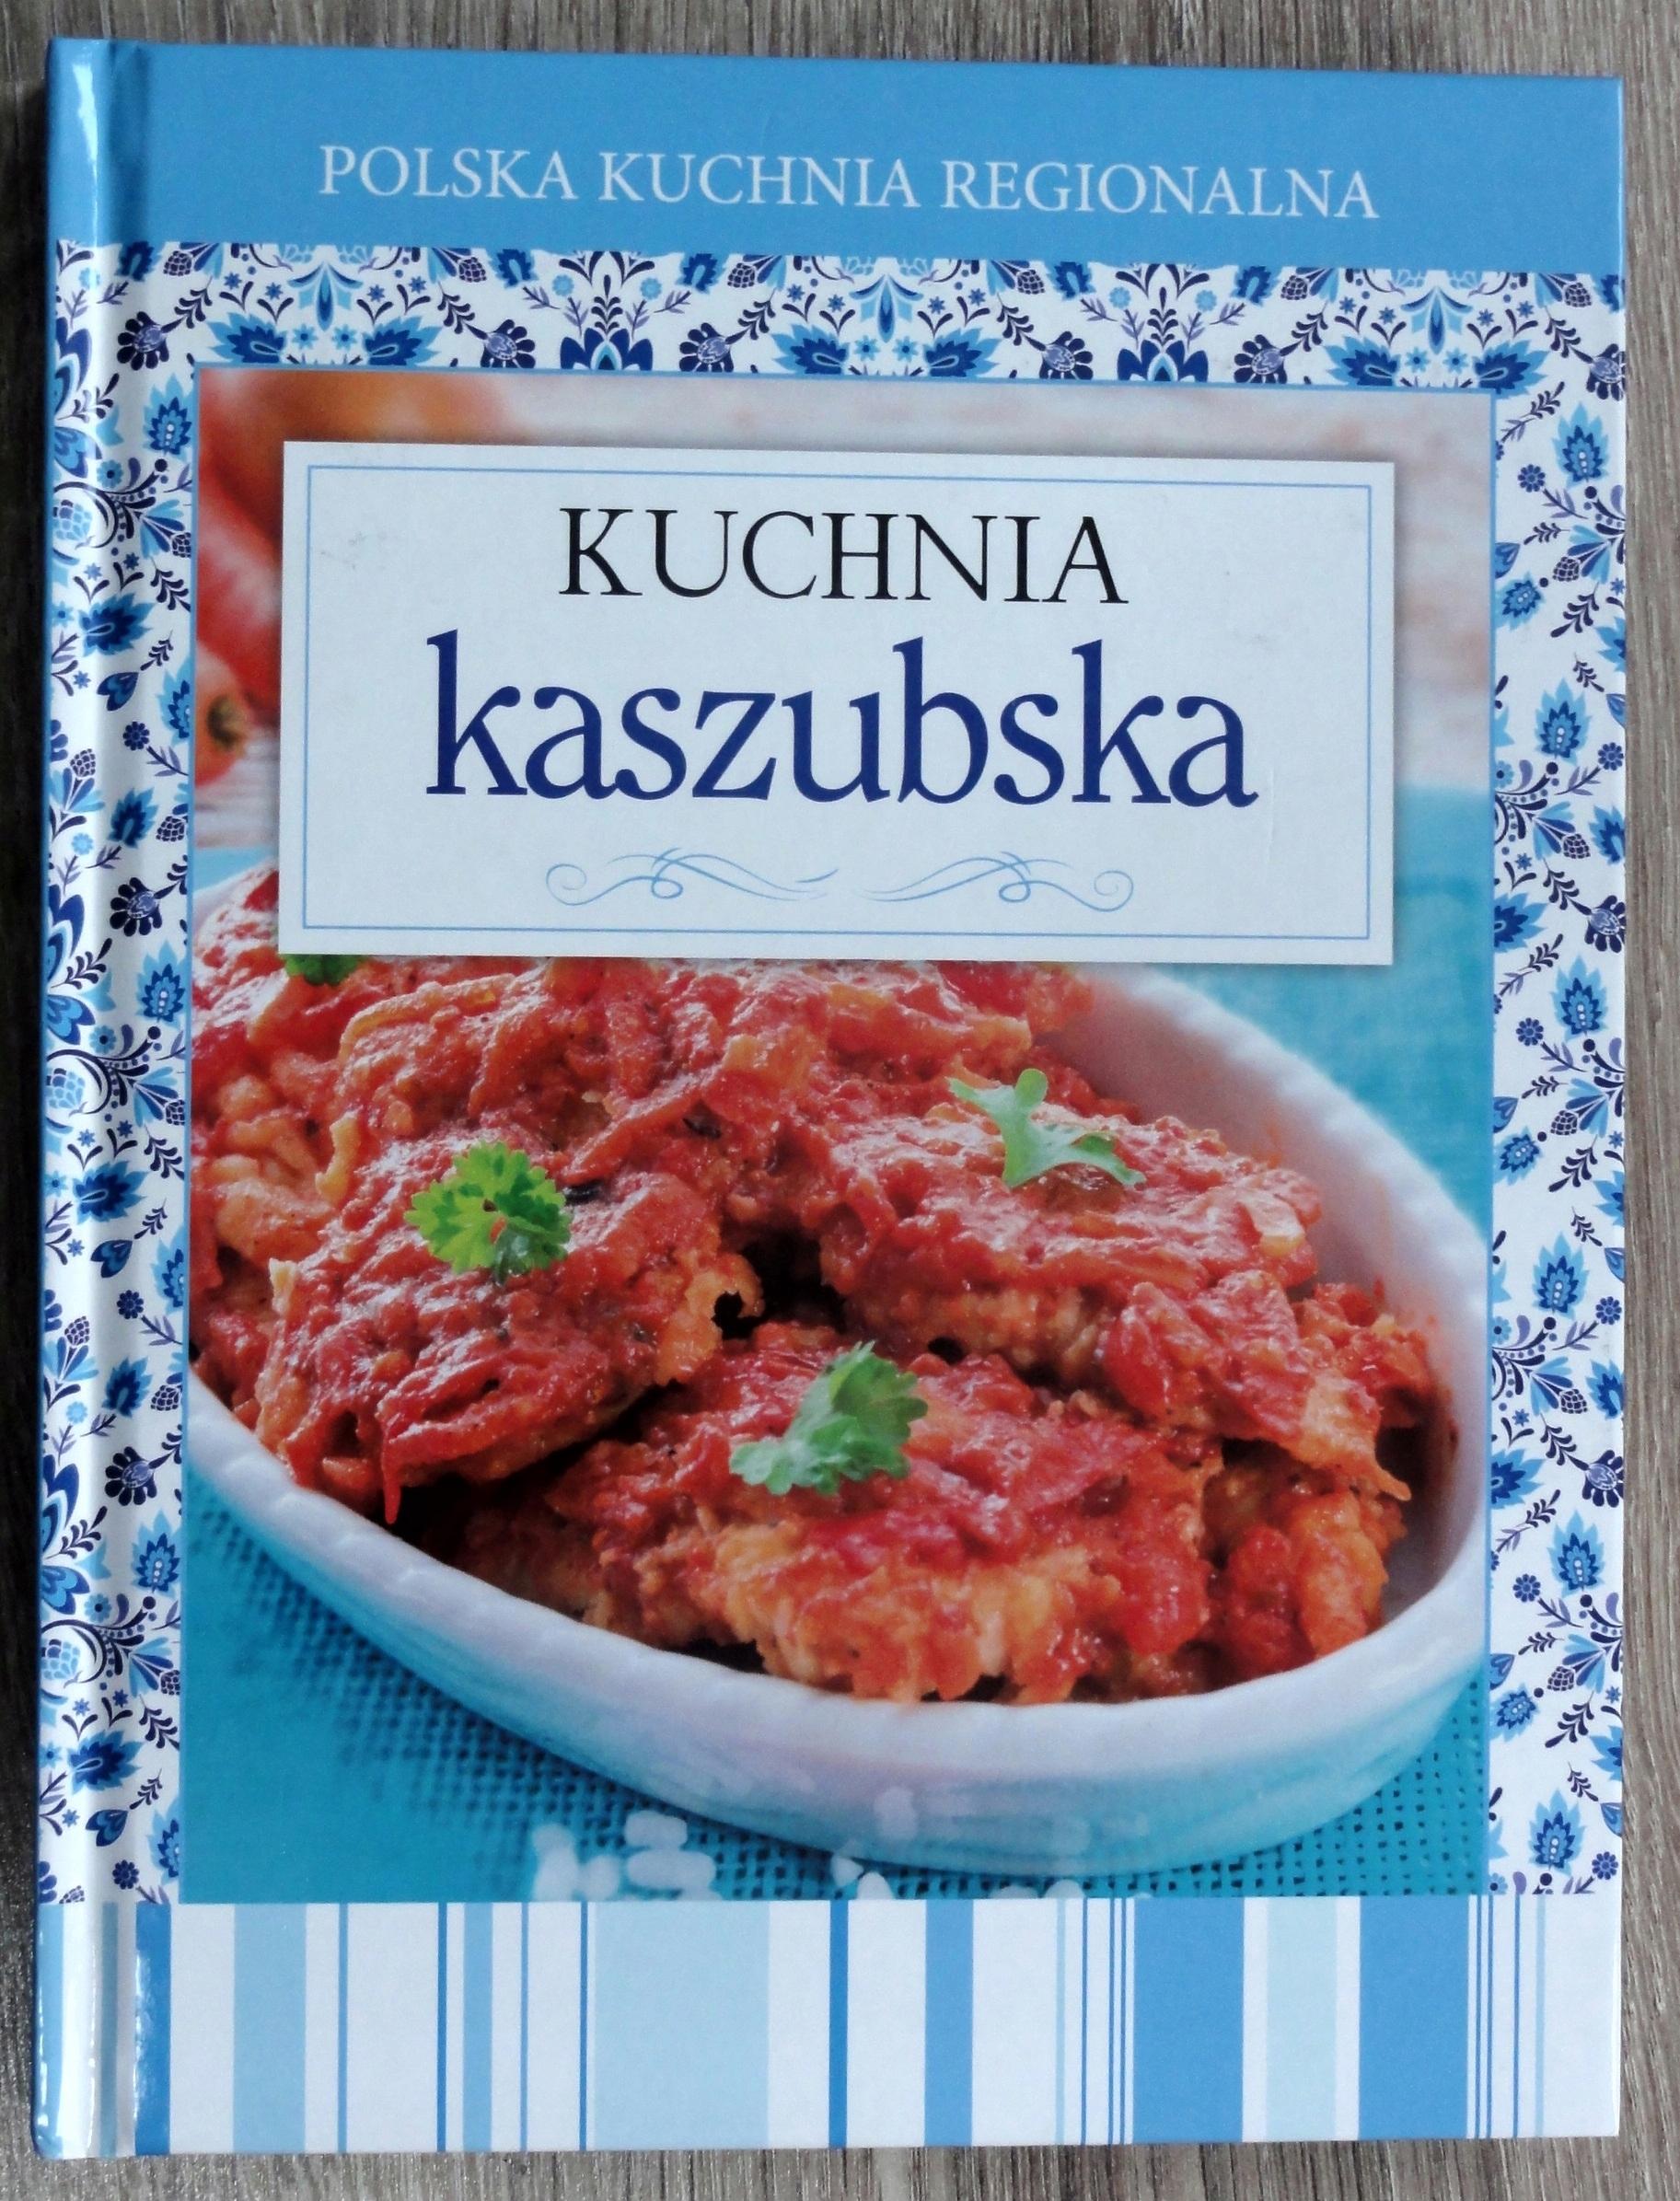 Polska Kuchnia Regionalna Kuchnia Kaszubska 7791735317